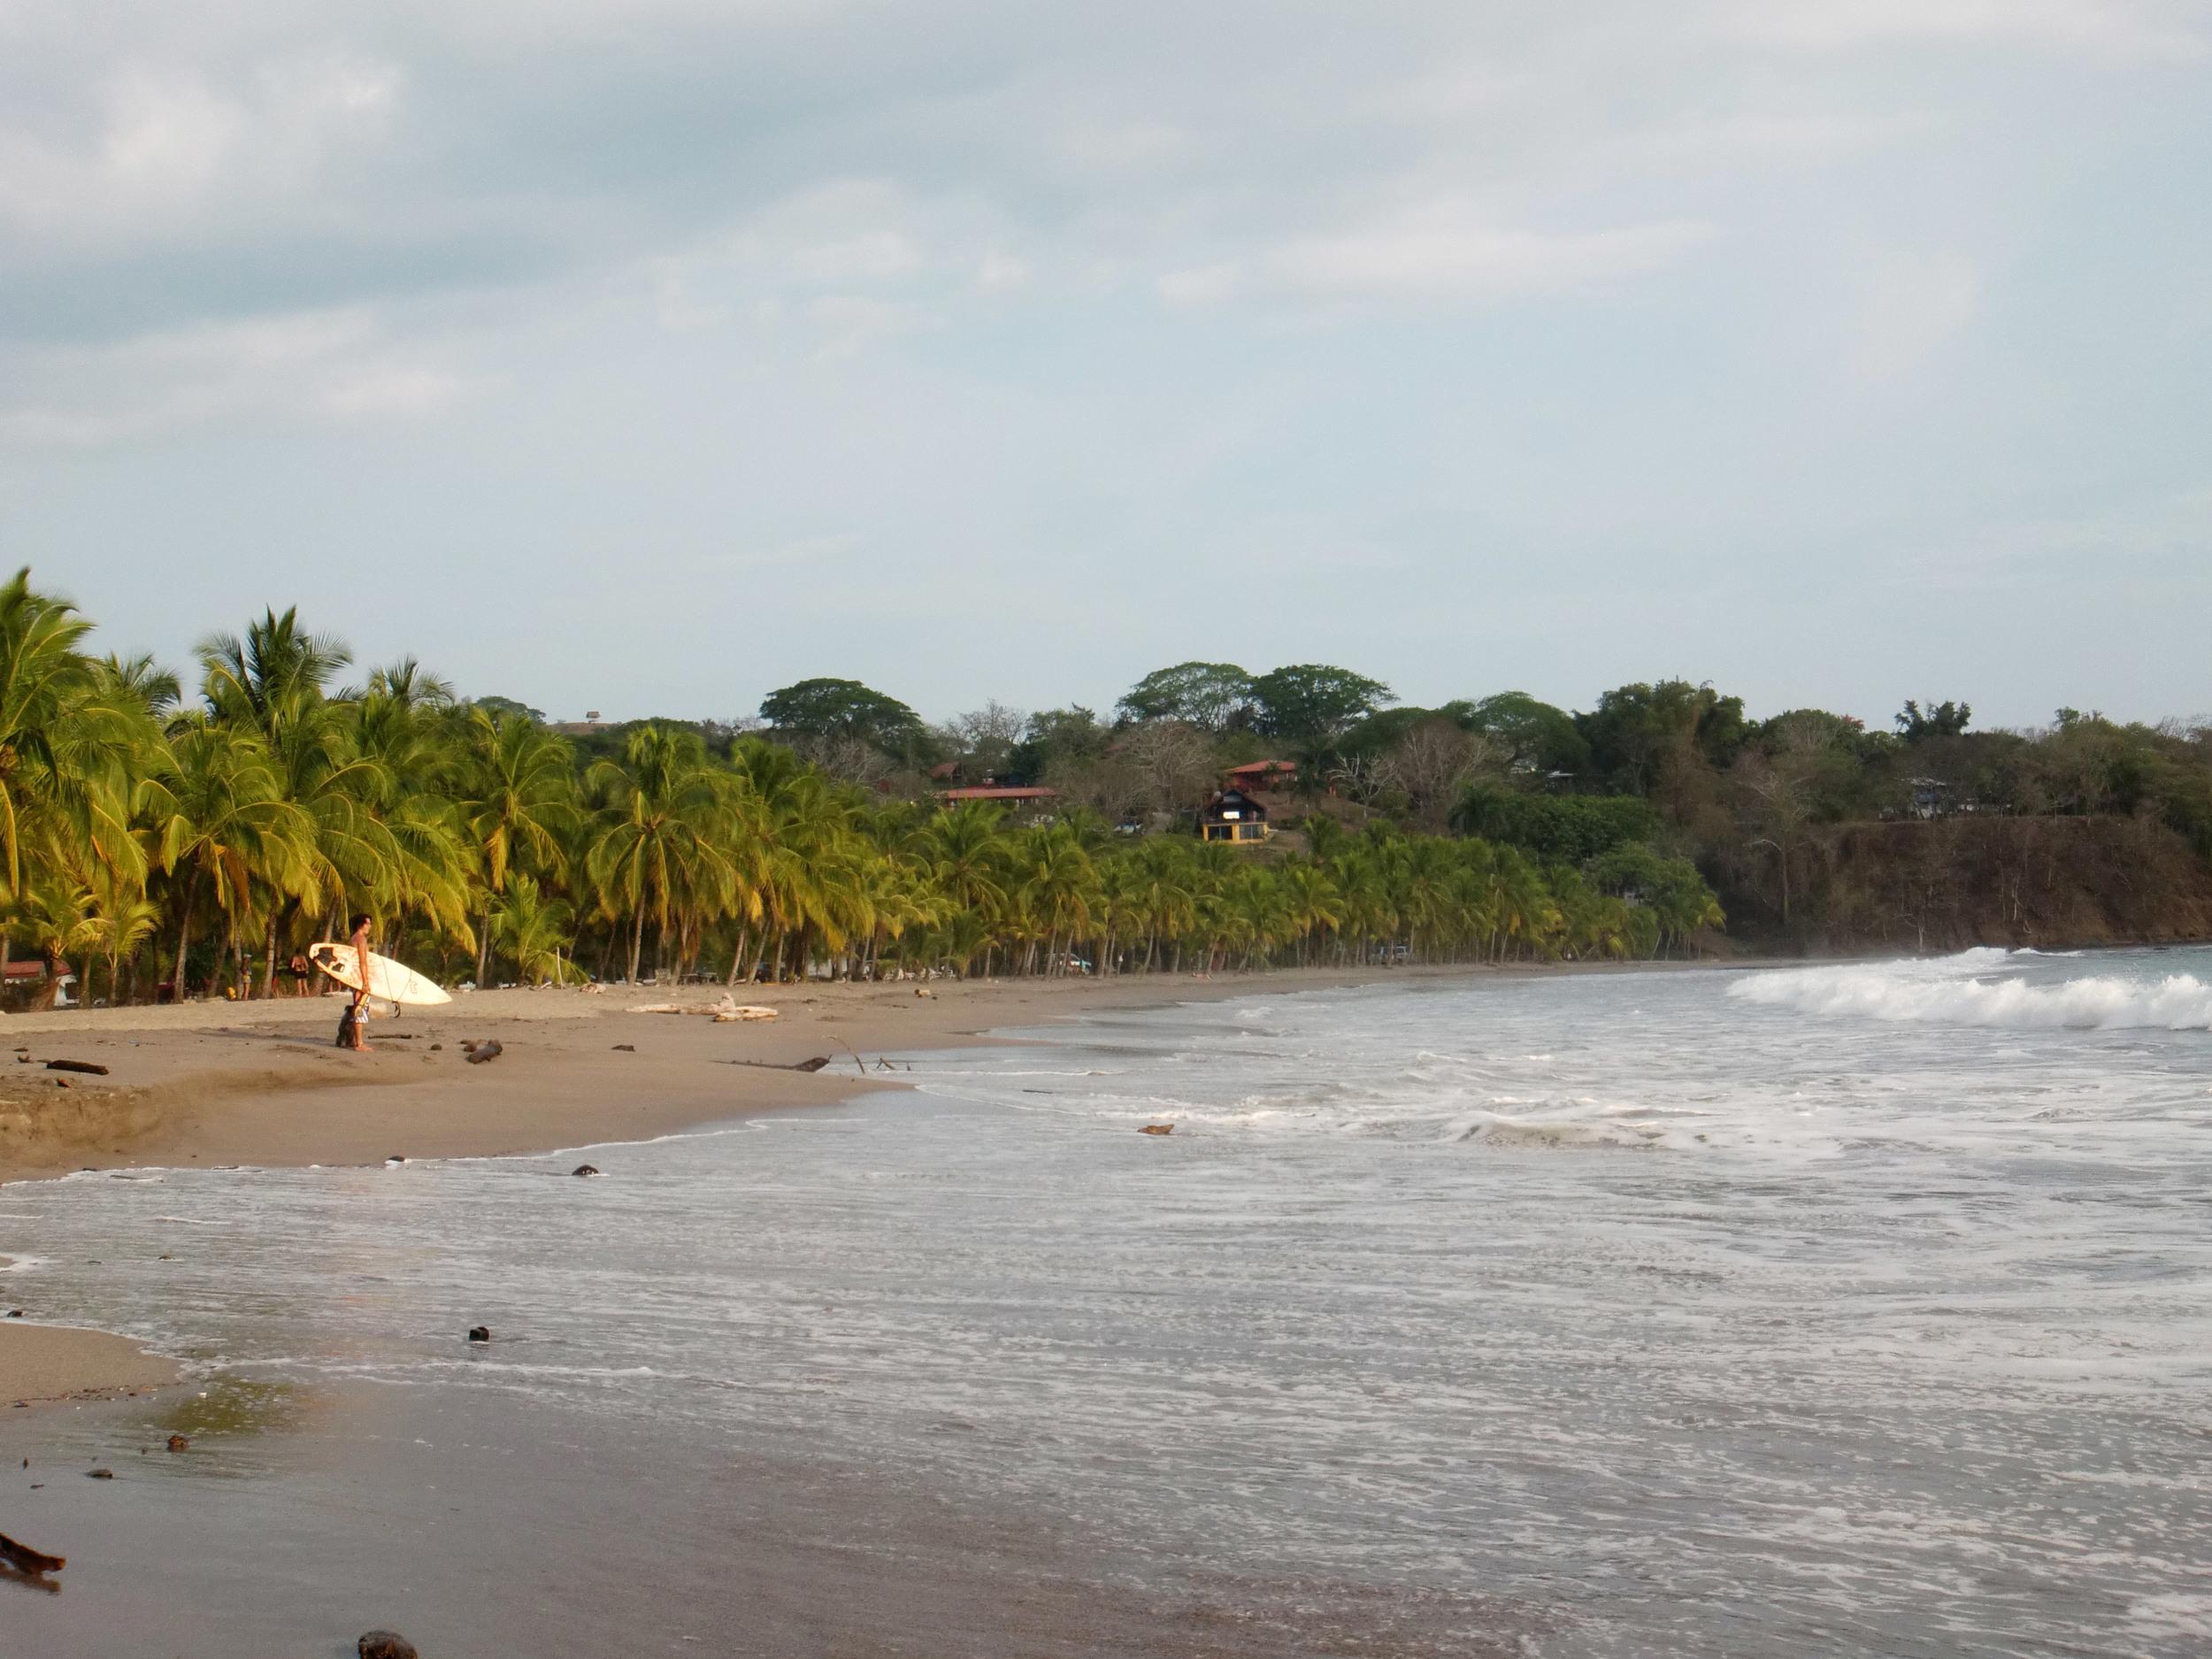 Surfer at Playa Carillo, Costa Rica